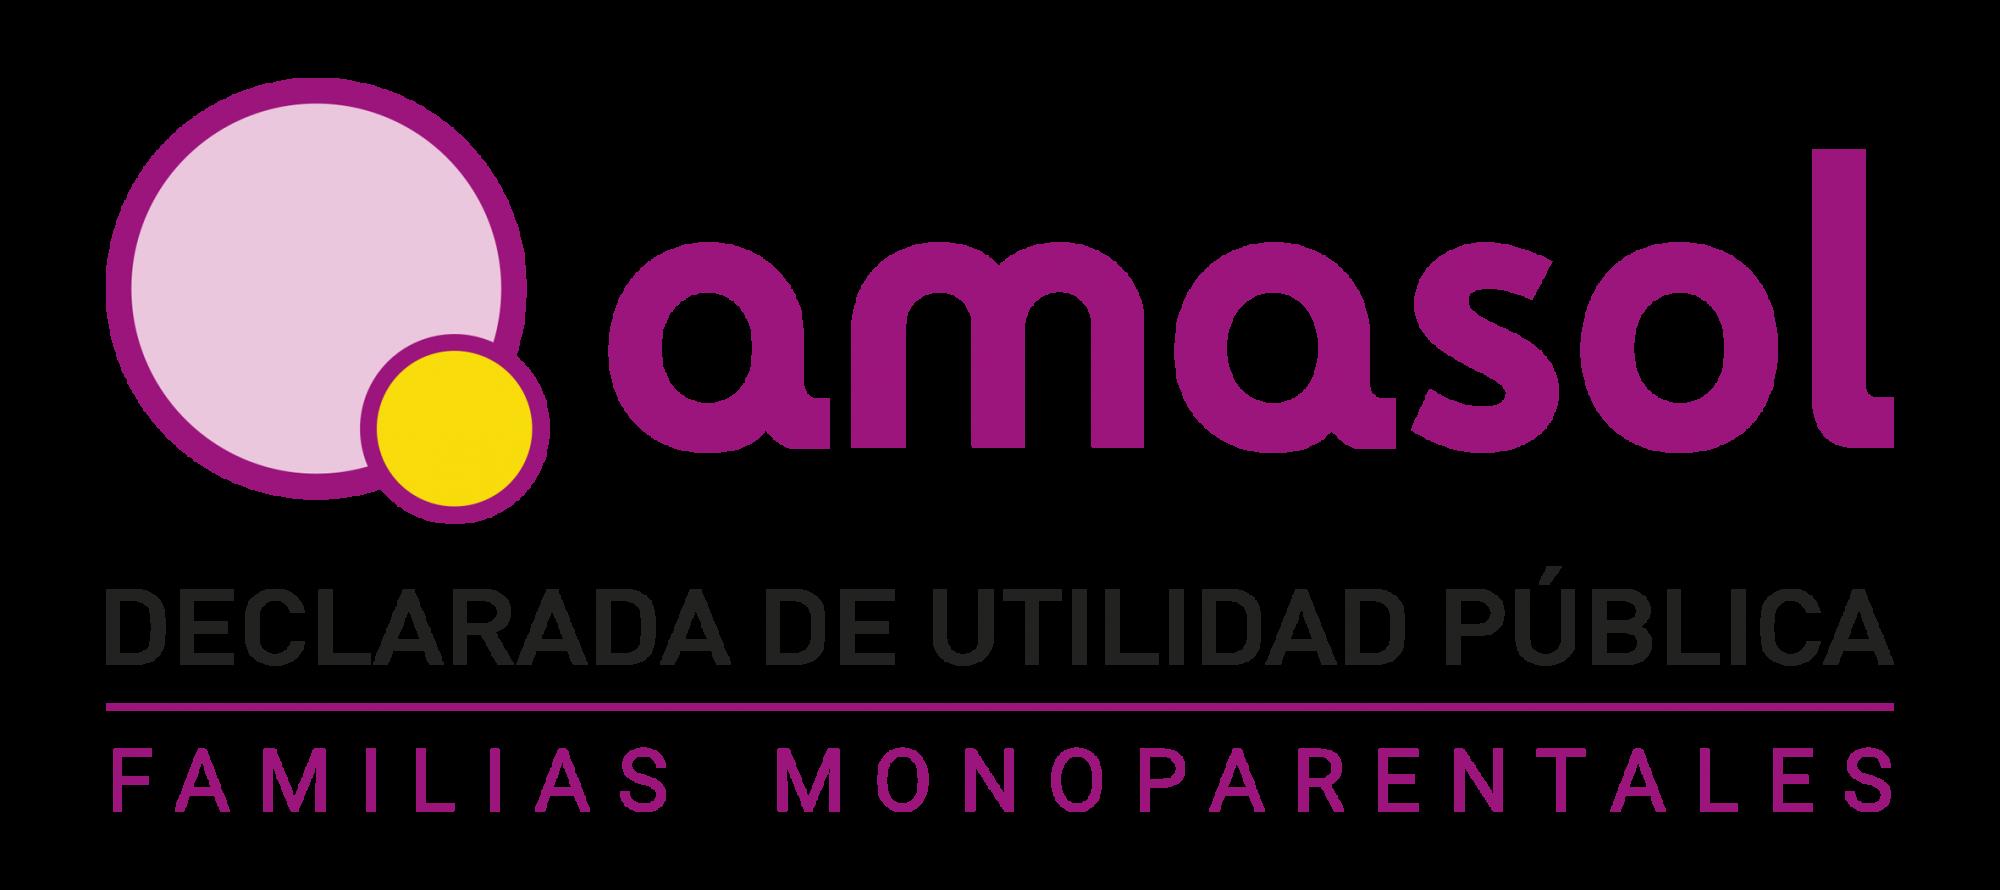 AMASOL_UTILIDAD_PÚBLICA_FAMILIAS_MONOPARENTALES_SIN_FONDO.png